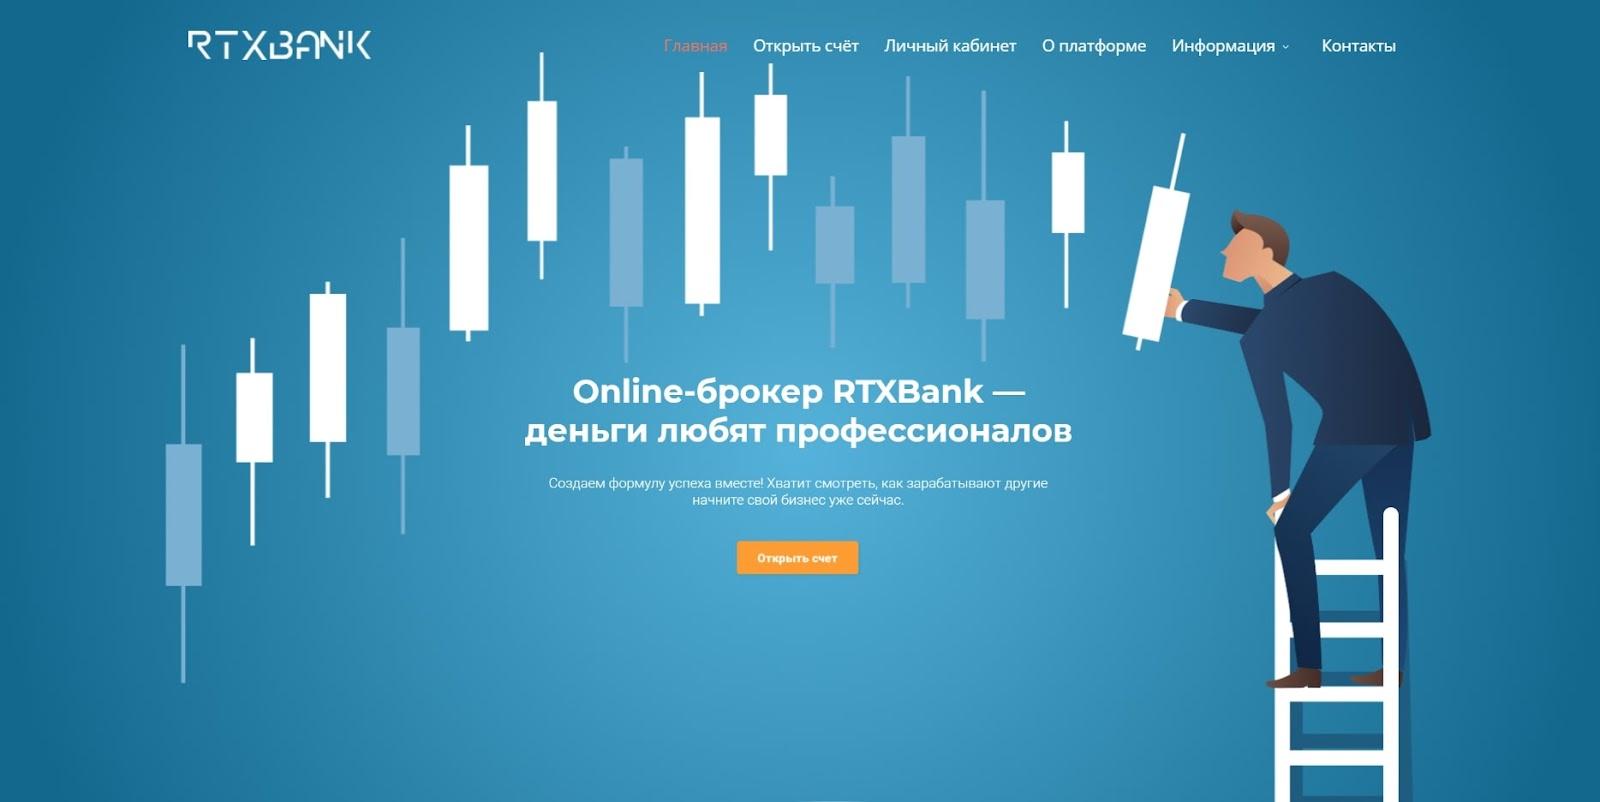 К чему ведет сотрудничество с RTXBank: обзор брокера и анализ отзывов